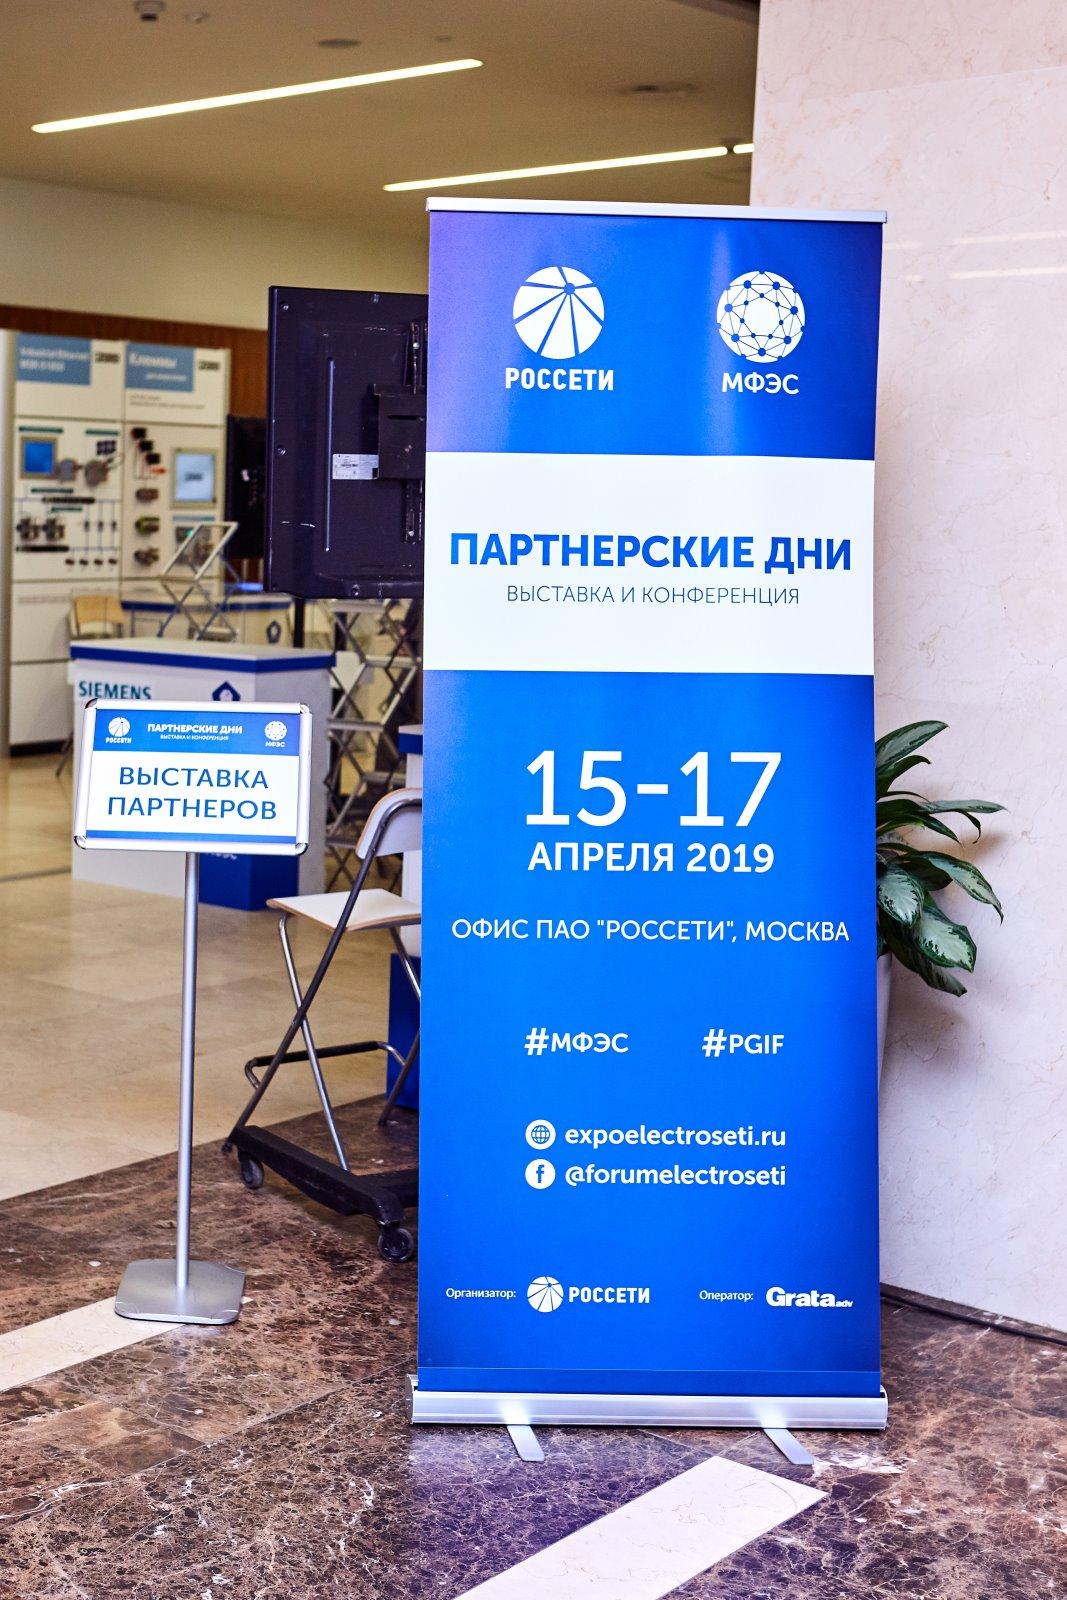 «Партнерские дни» в штаб-квартире ПАО «Россети»